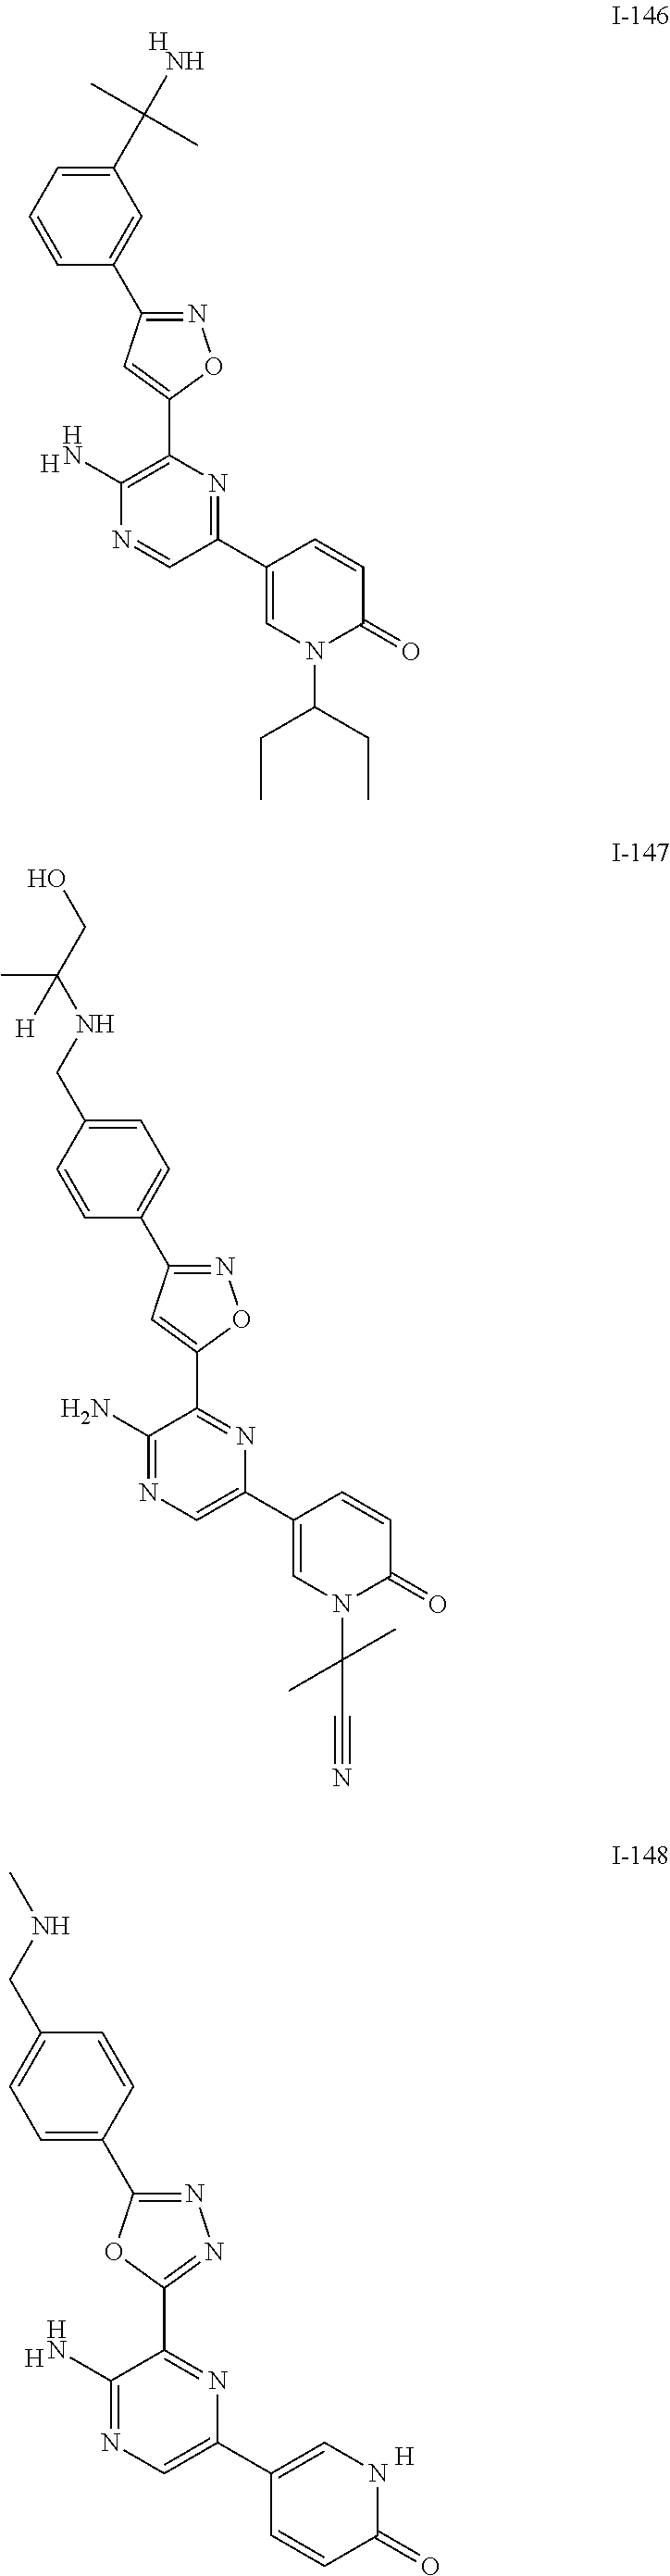 Figure US09630956-20170425-C00269